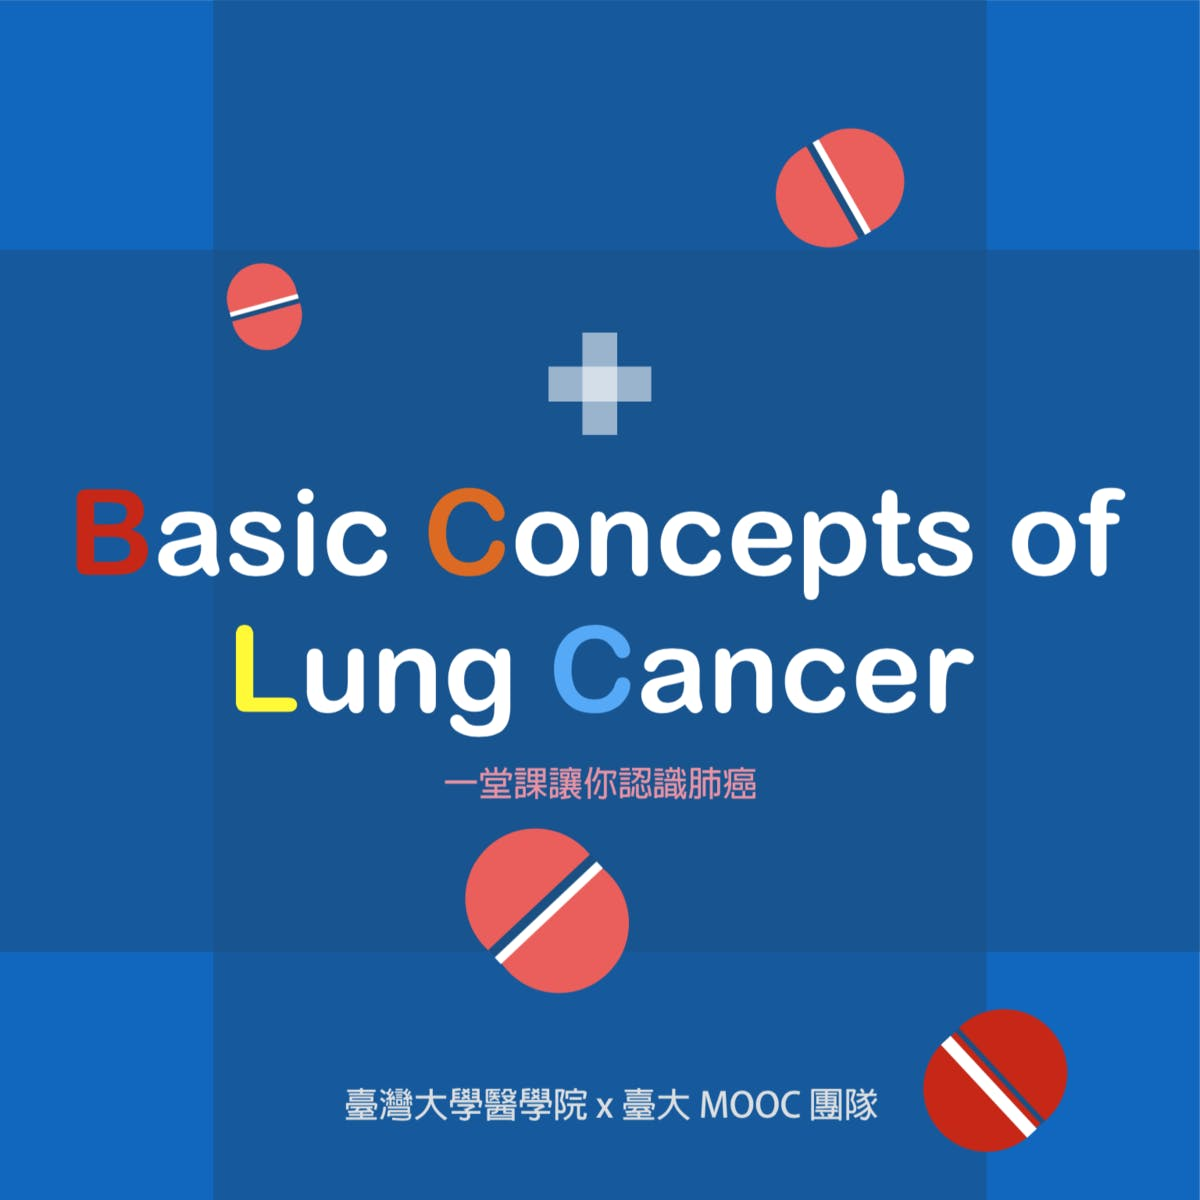 一堂課讓你認識肺癌(Basic Concepts of Lung Cancer: Diagnosis and Treatment)